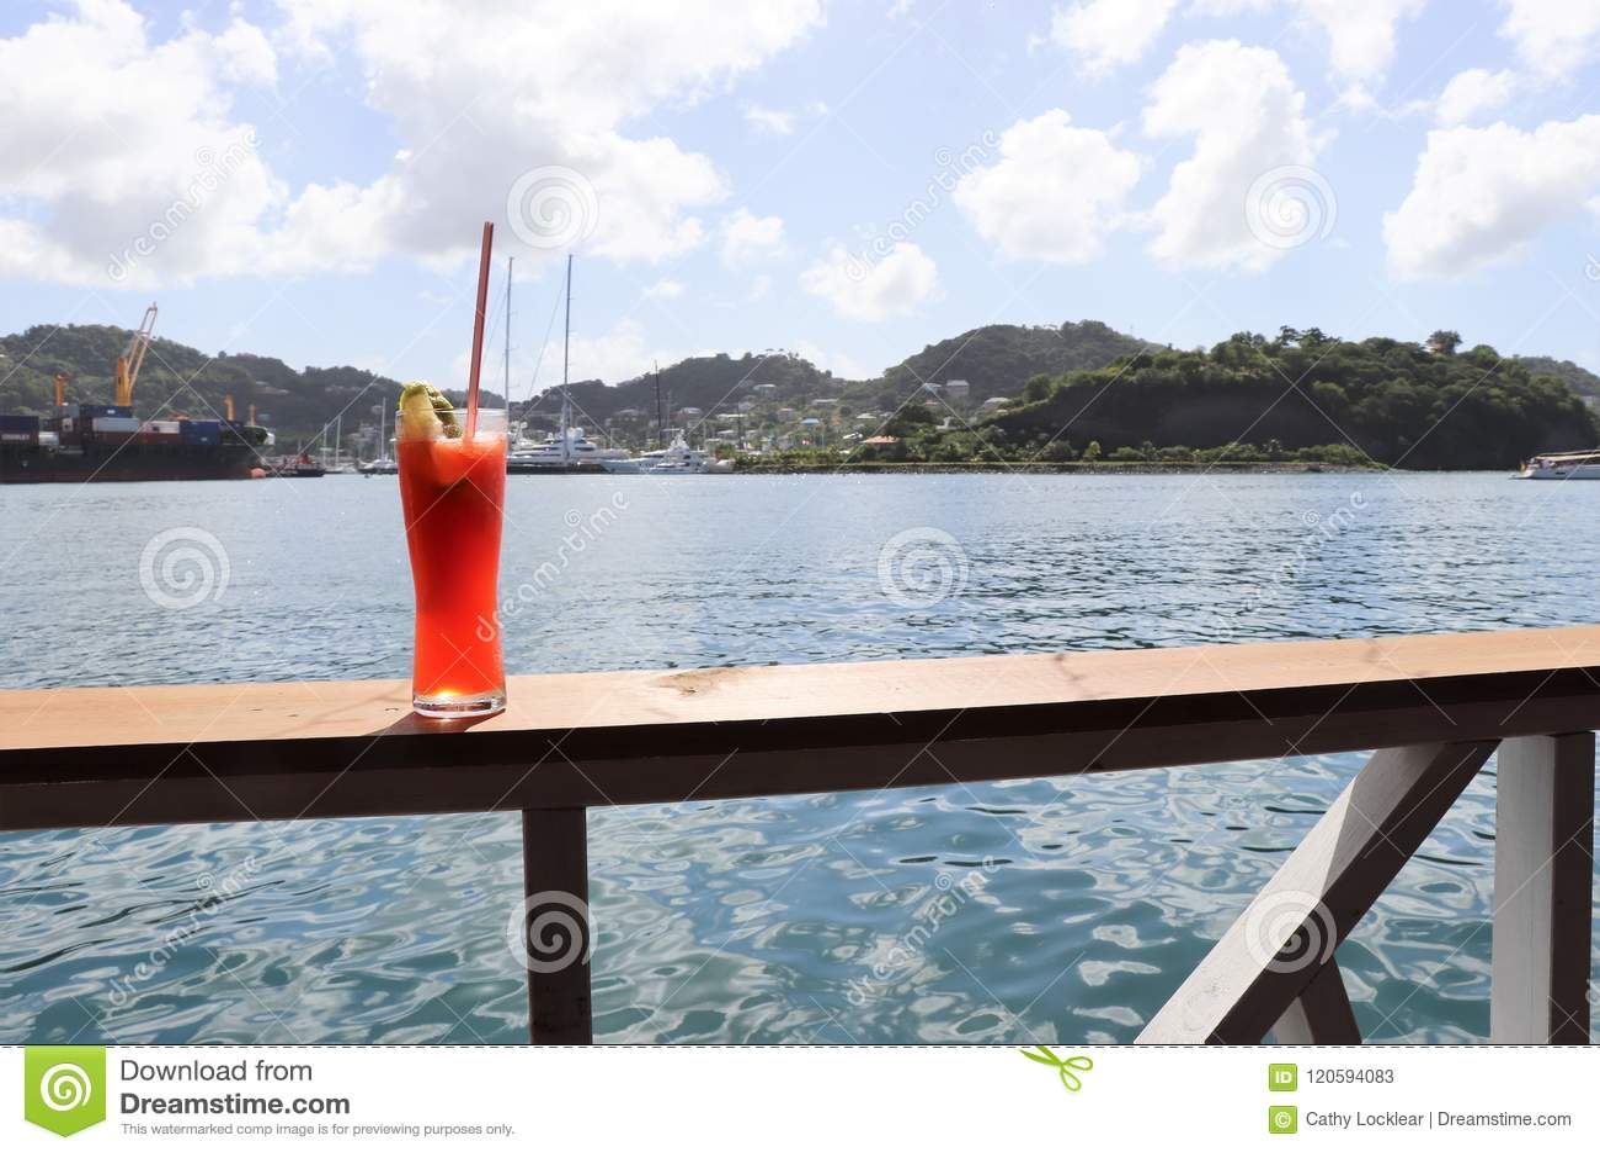 Eiskaltes Getränk auf einer Schiene mit Ozean- und Tropeninselszenen im Hintergrund